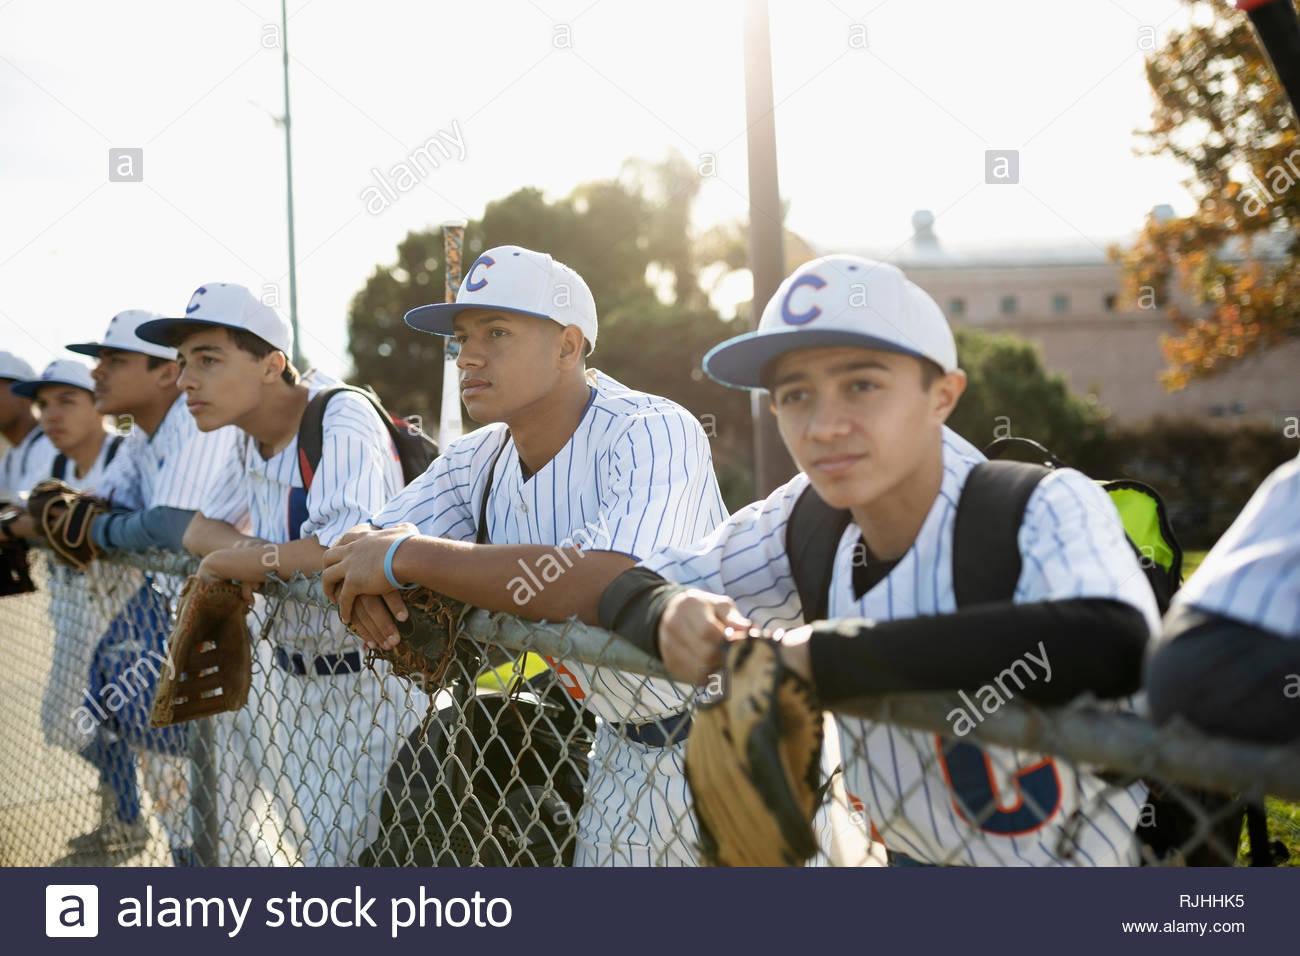 Les joueurs de baseball leaning on fence ensoleillée Photo Stock